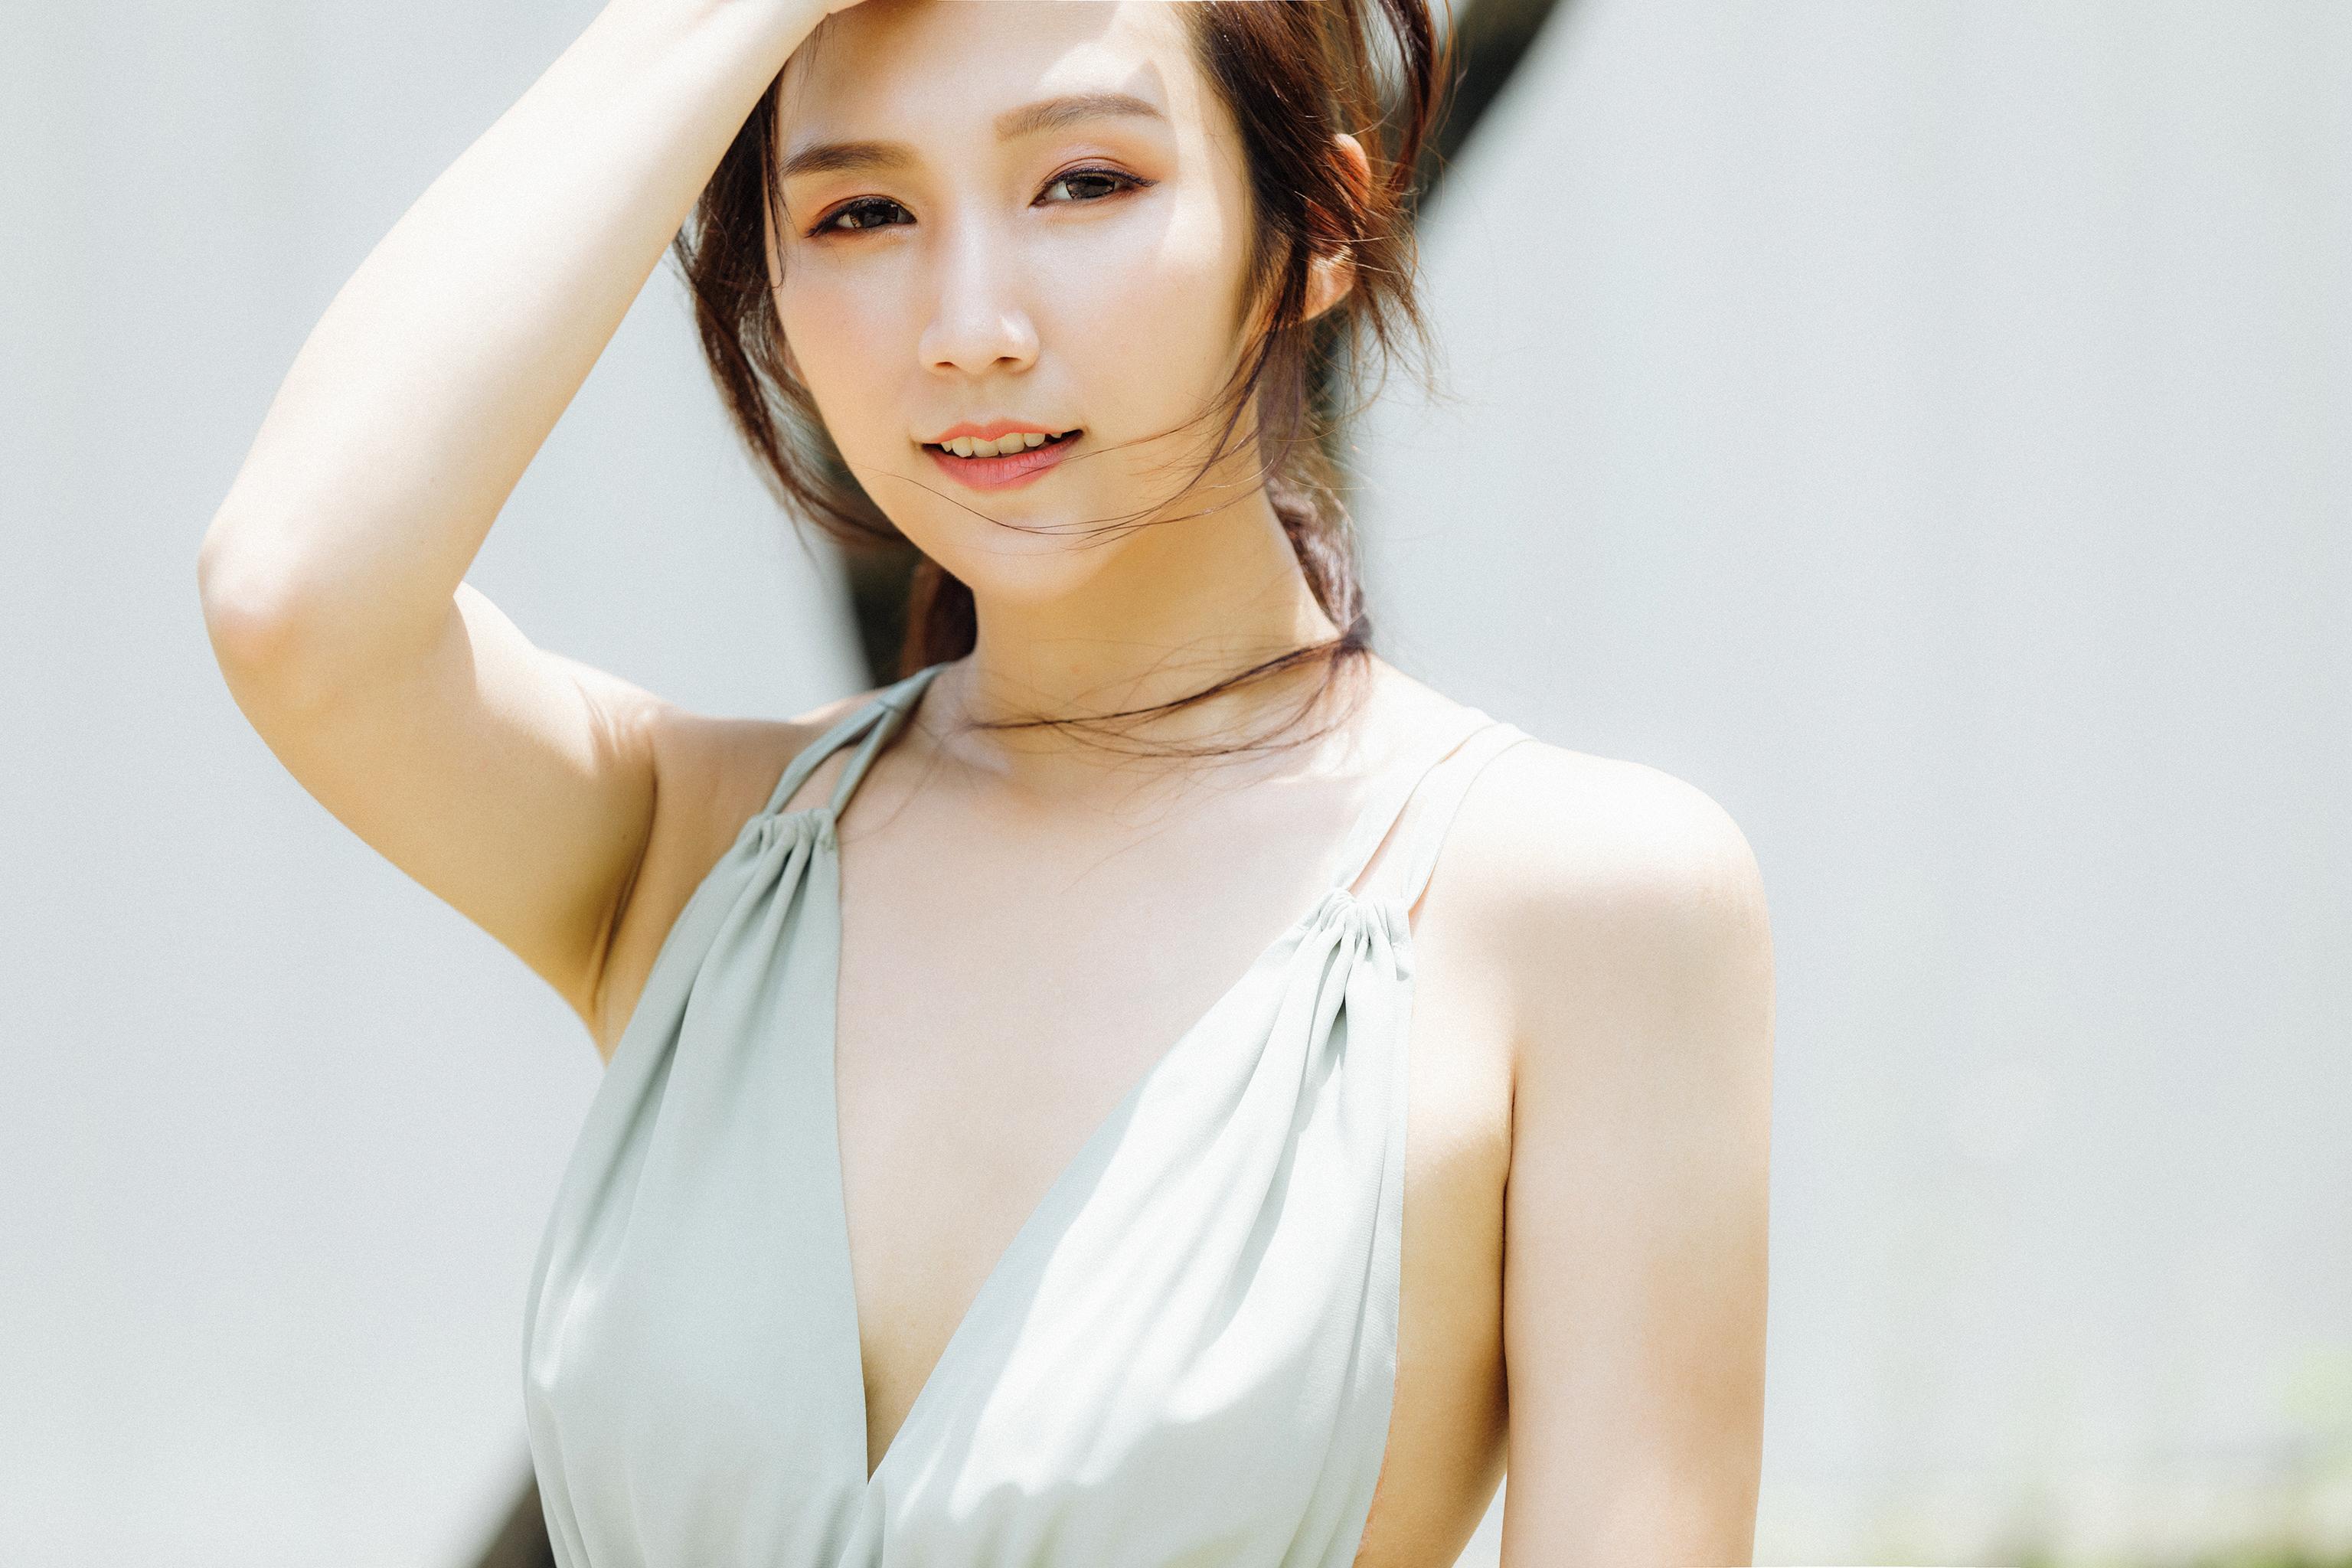 48592322077 db5ec5f792 o - 【自主婚紗】+Ying&Wiwi+